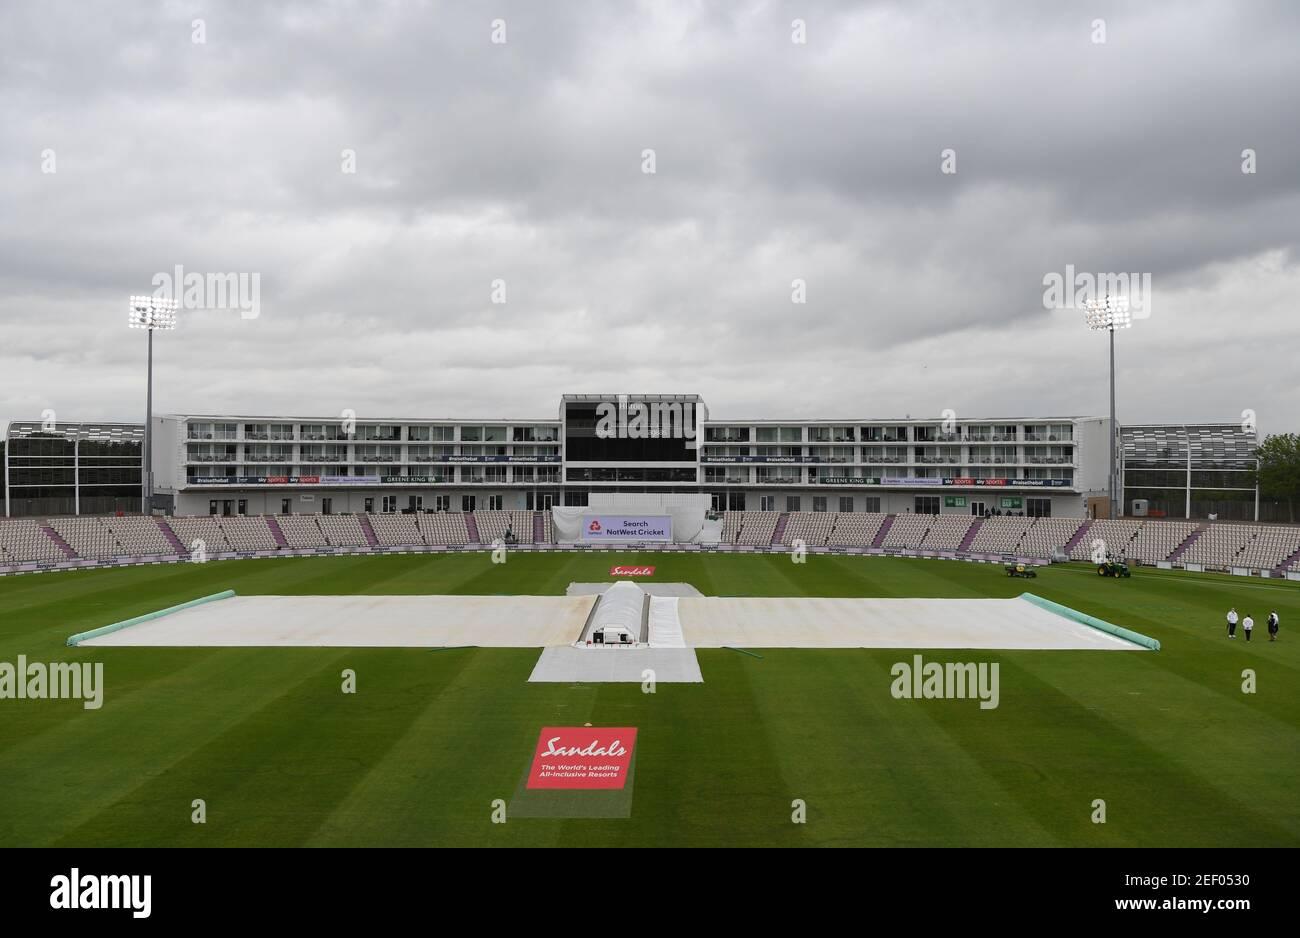 Cricket - primo test - Inghilterra / West Indies - Rose Bowl Cricket Stadium, Southampton, Gran Bretagna - 8 luglio 2020 UNA visione generale del campo coperto durante un ritardo pioggia, come il cricket riprende dietro porte chiuse a seguito dello scoppio della malattia del coronavirus (COVID-19) Mike Hewitt/Pool via REUTERS Foto Stock